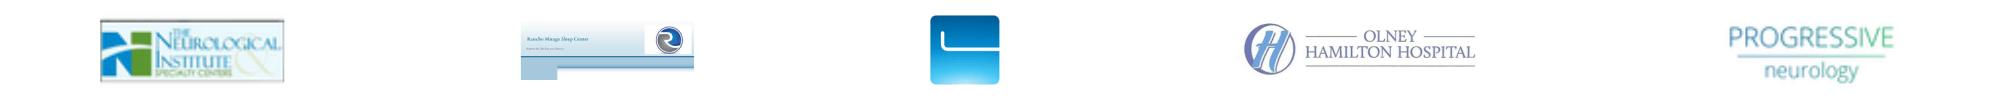 Customer Logos - Slide 12.png